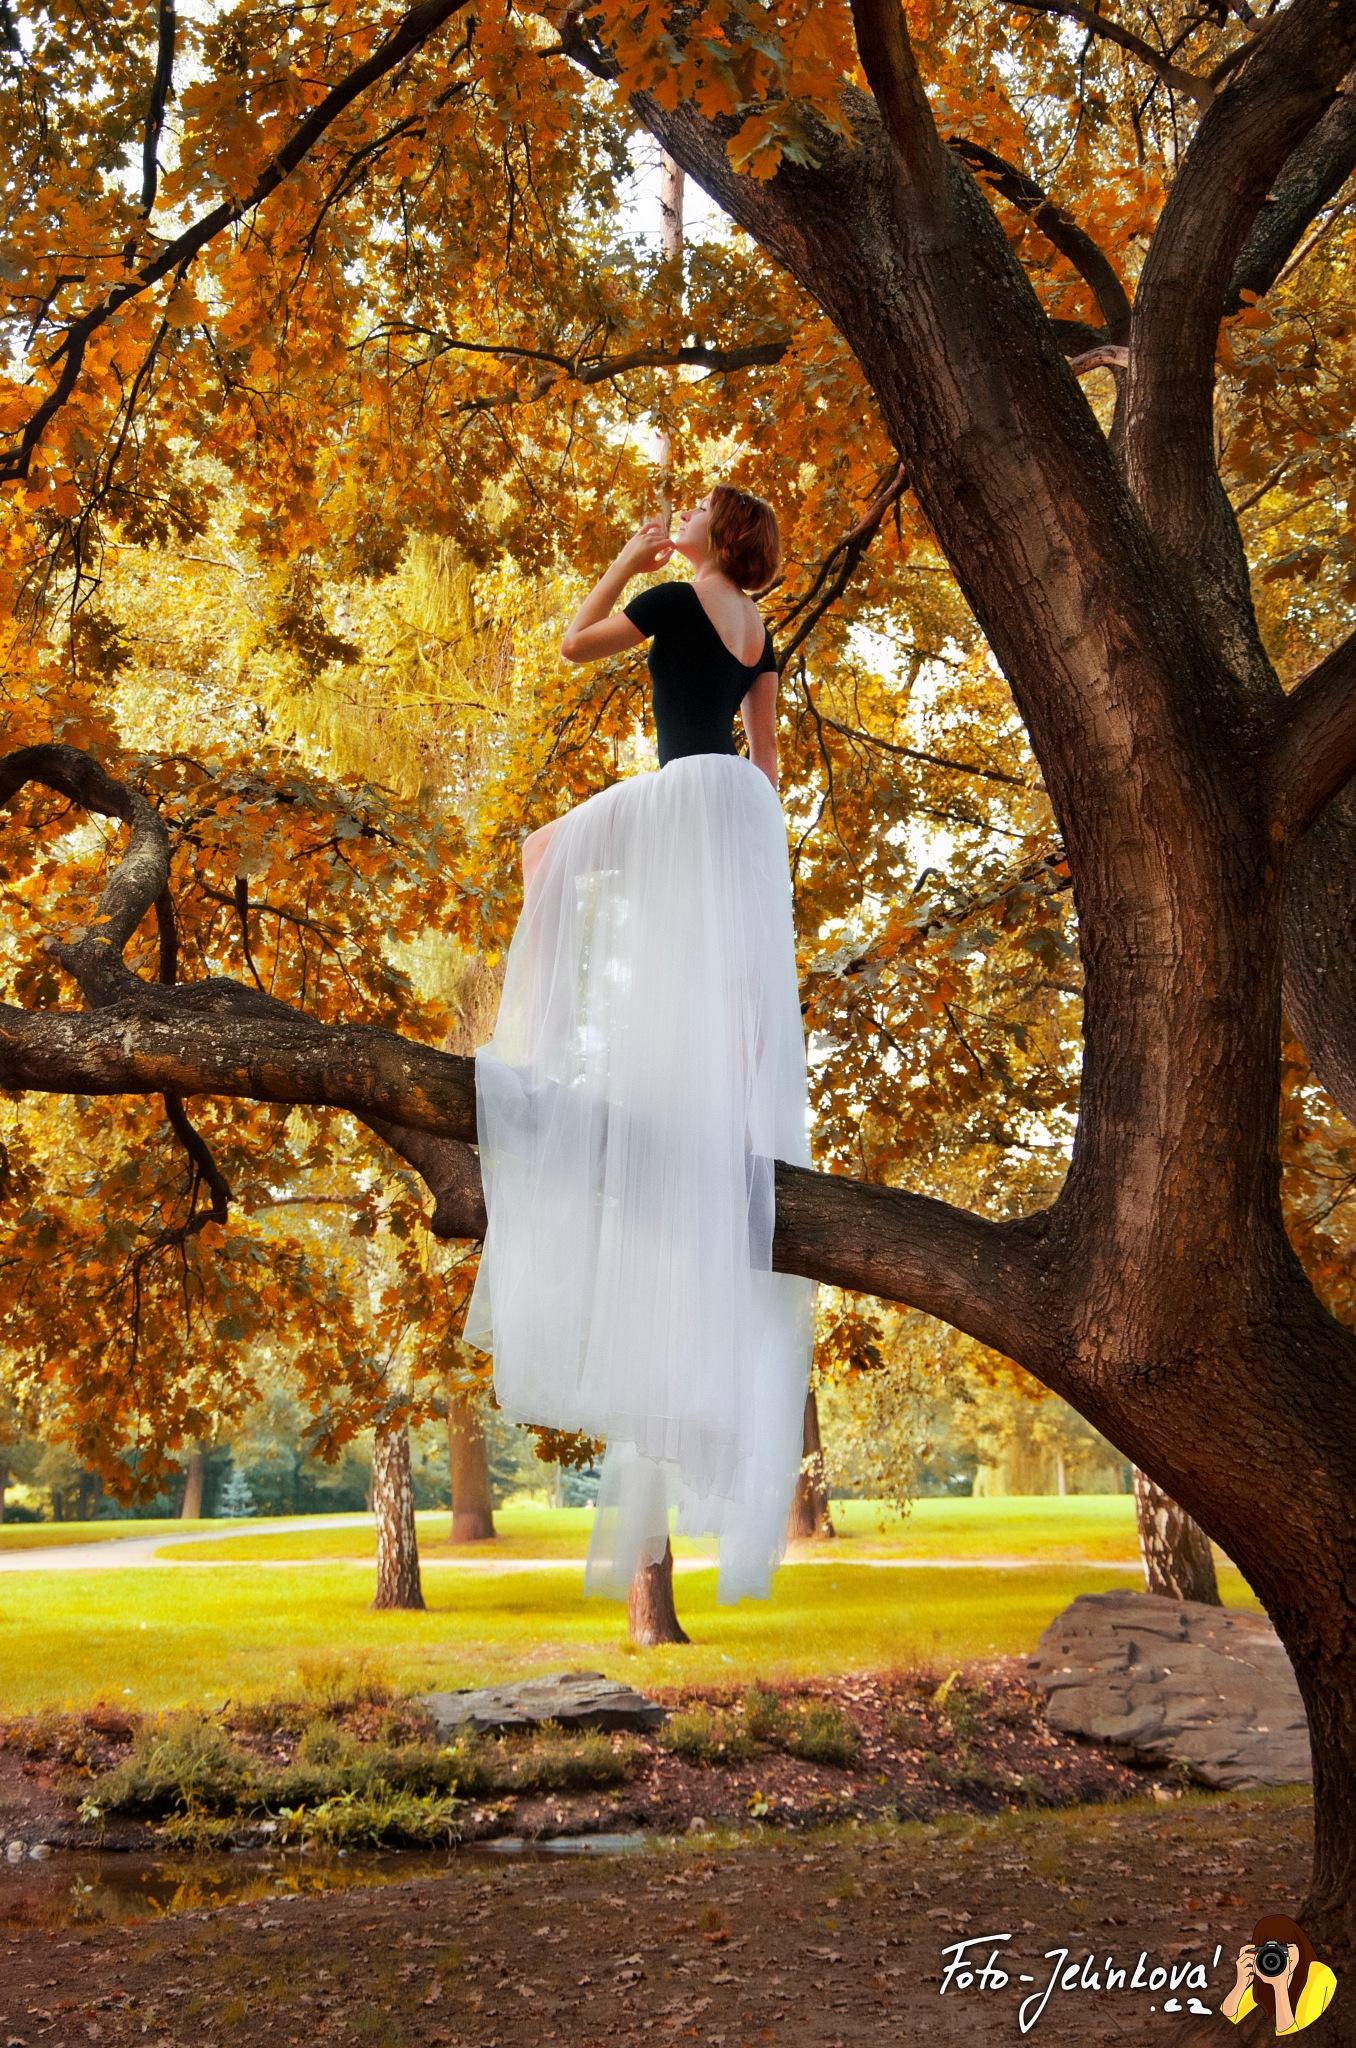 Tree girl by Jana Jelínková